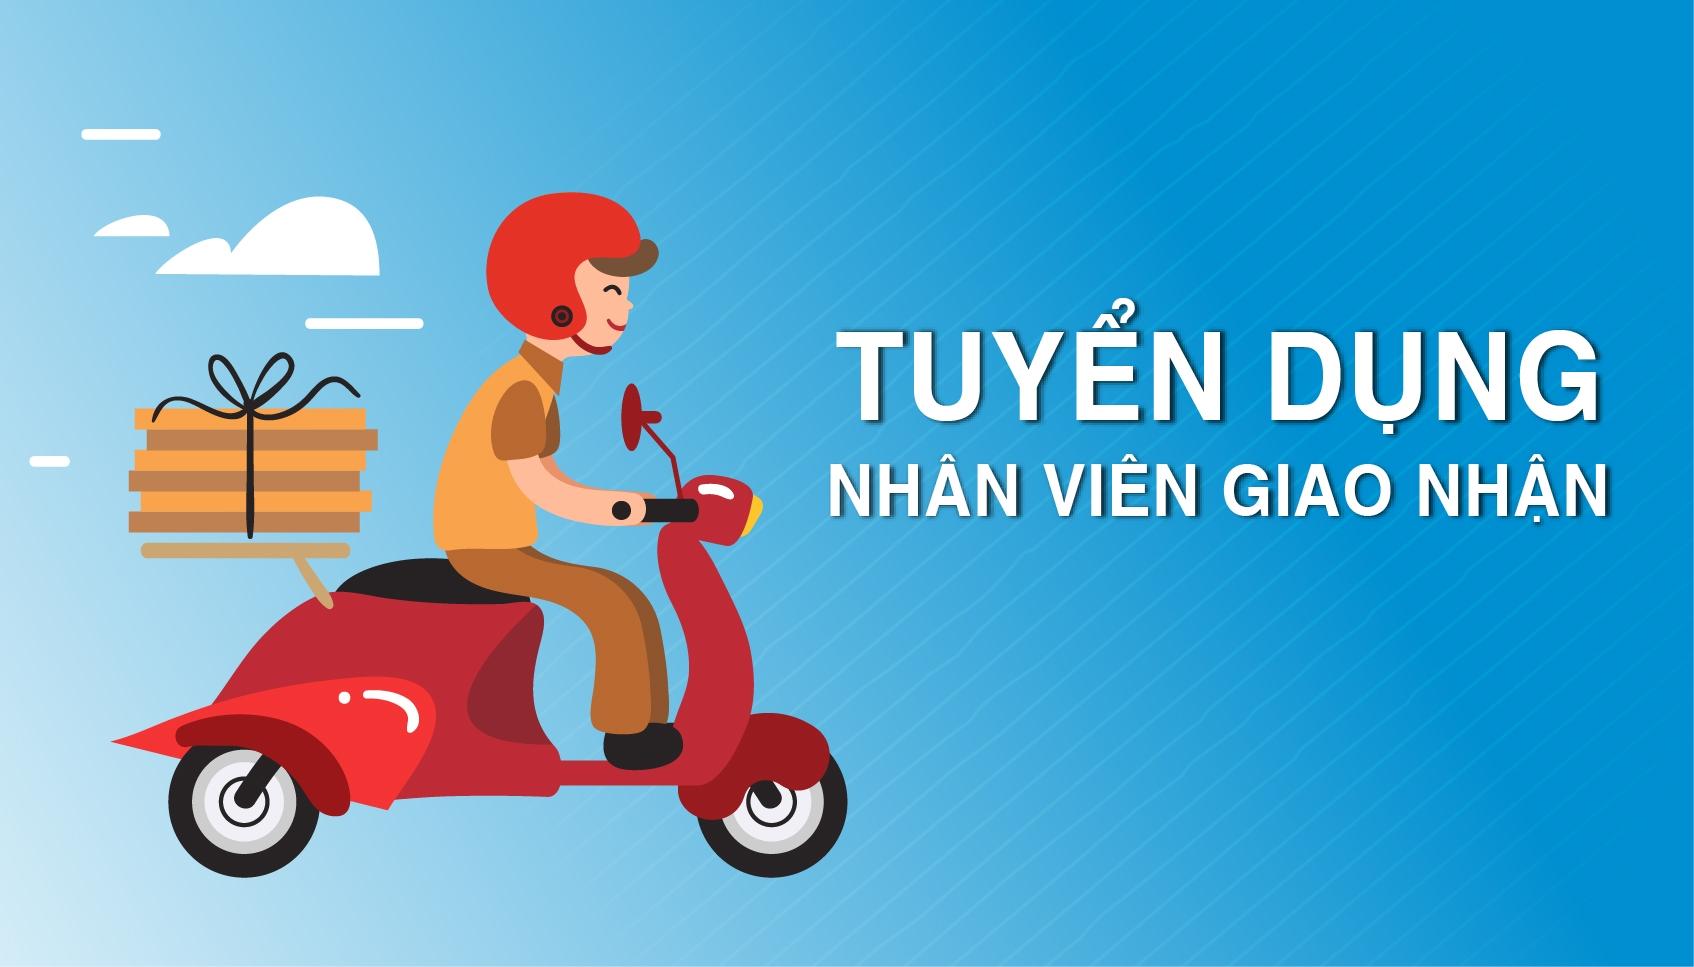 Thành Đạt Hà Nội - Tuyển GẤP 01 Nhân viên Vận chuyển.